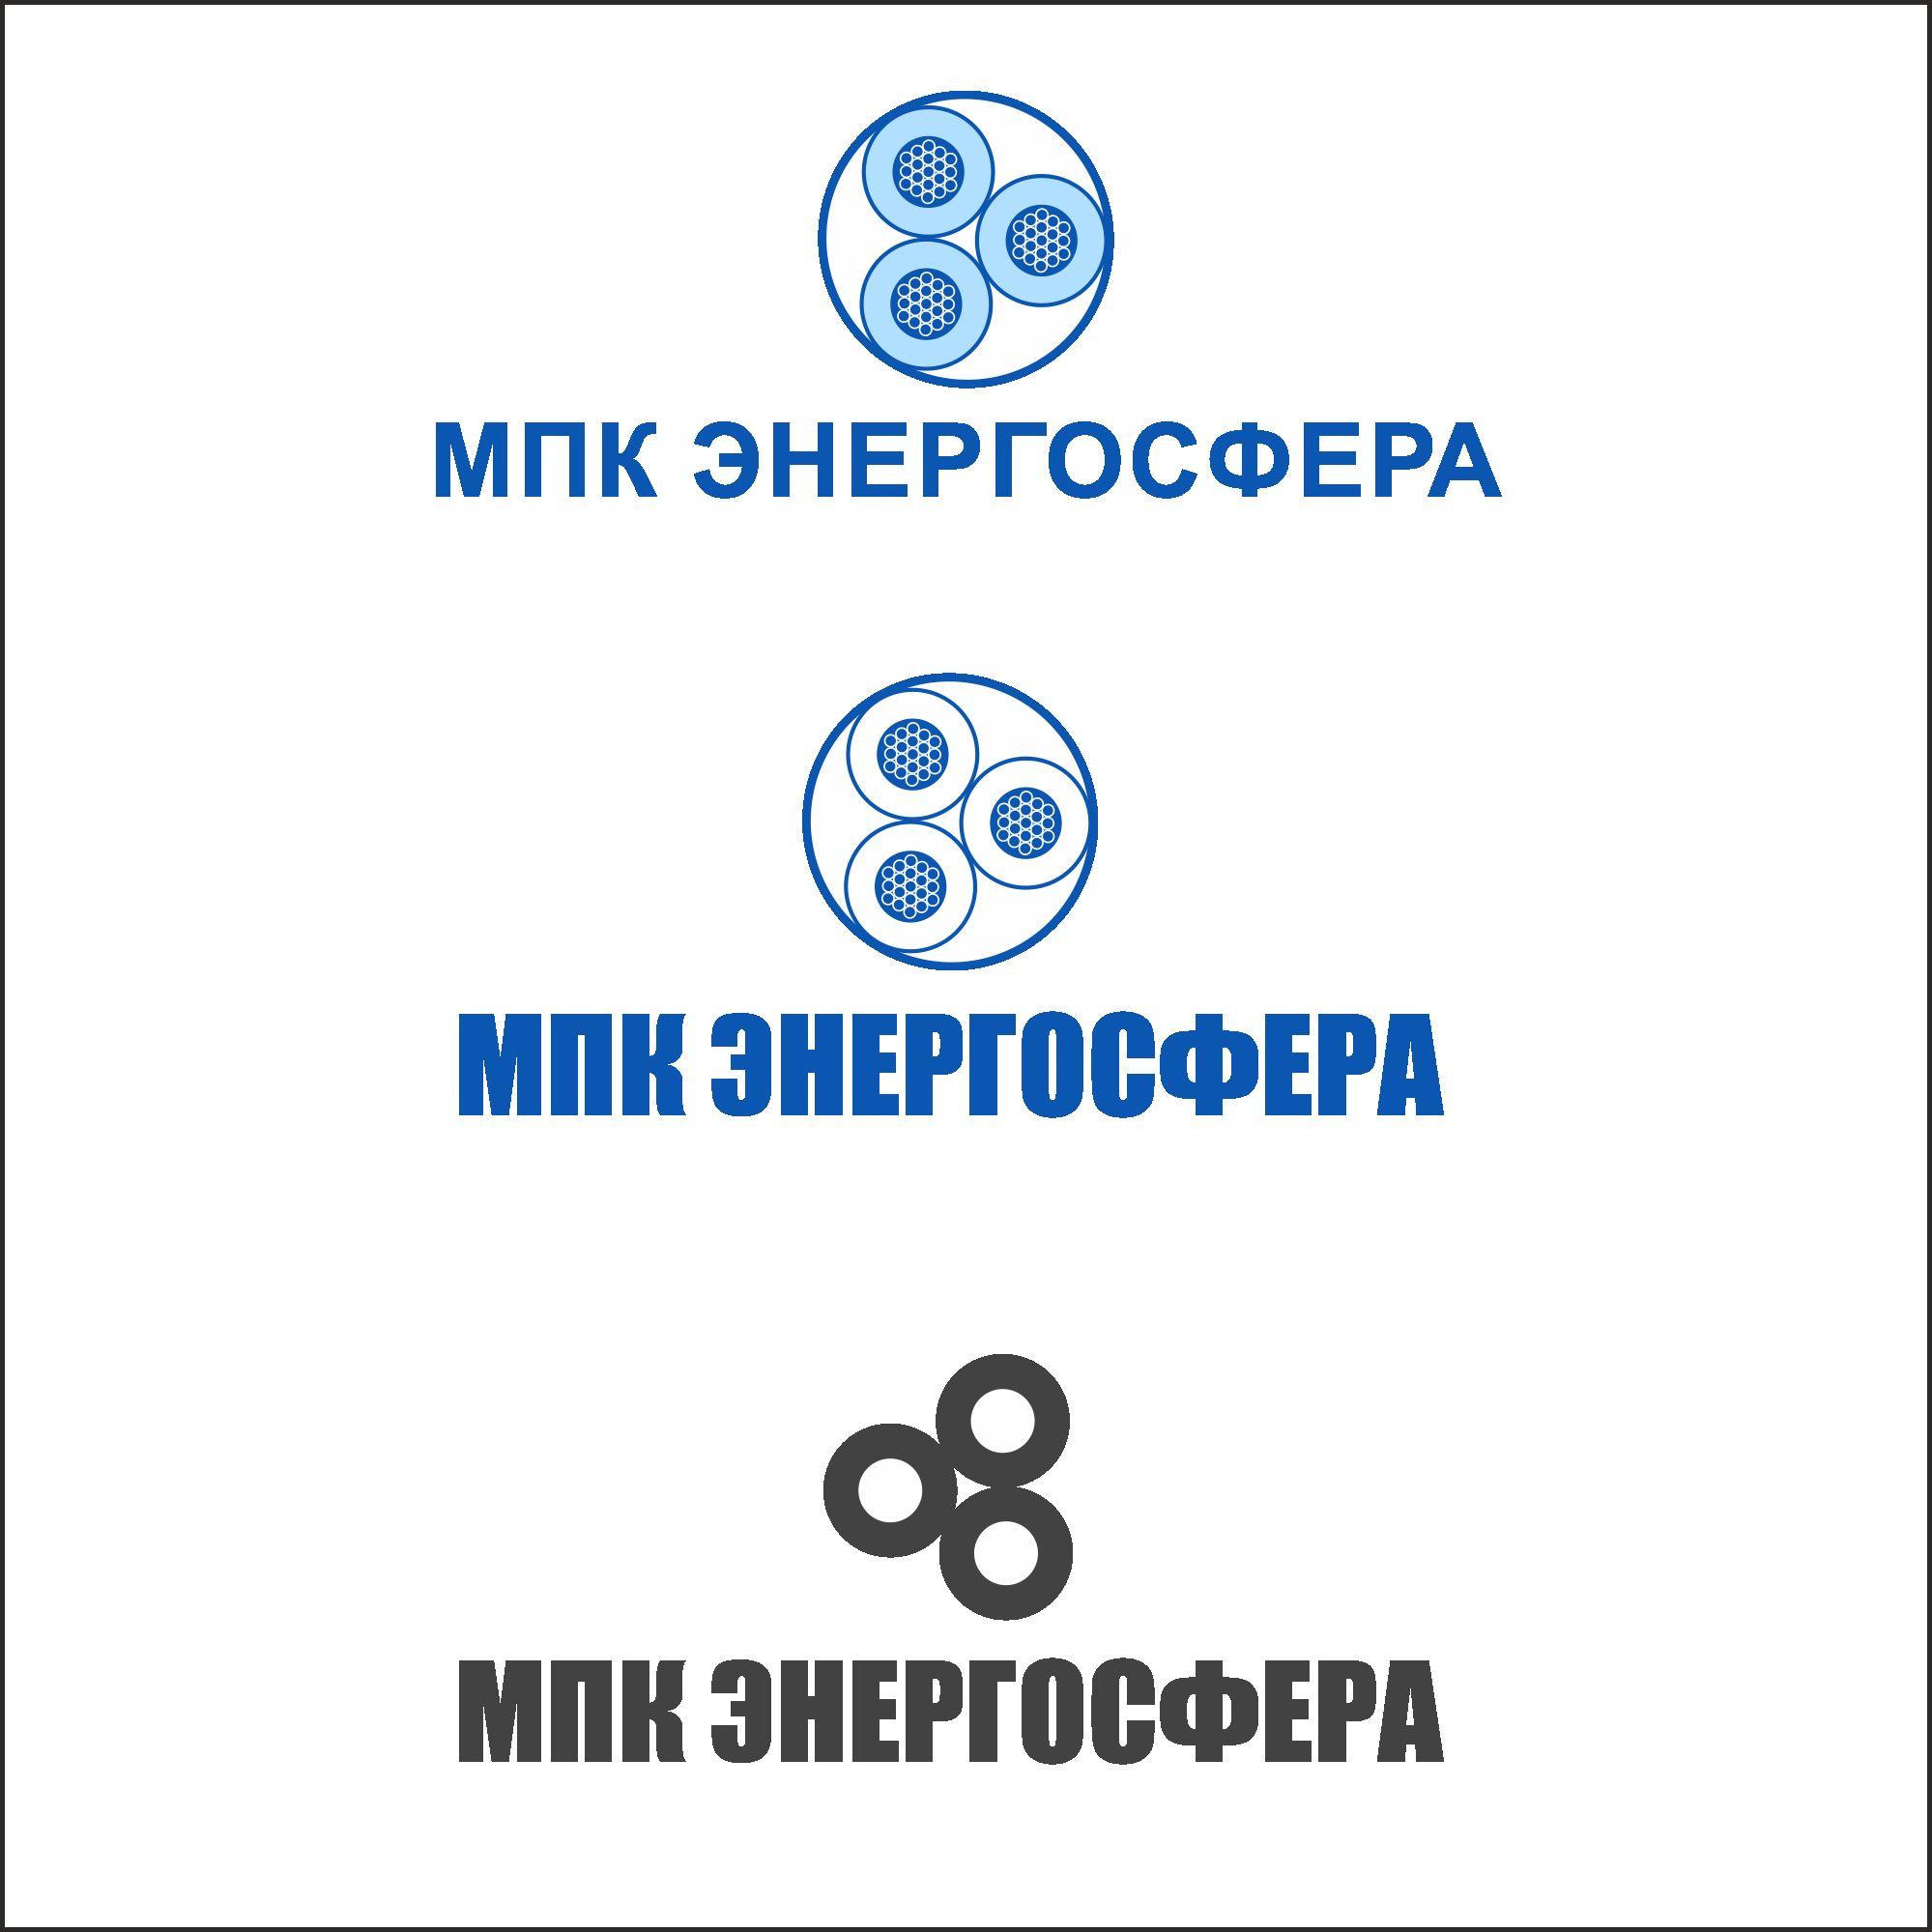 Фирменный стиль для МПК Энергосфера - дизайнер KovalevaV8